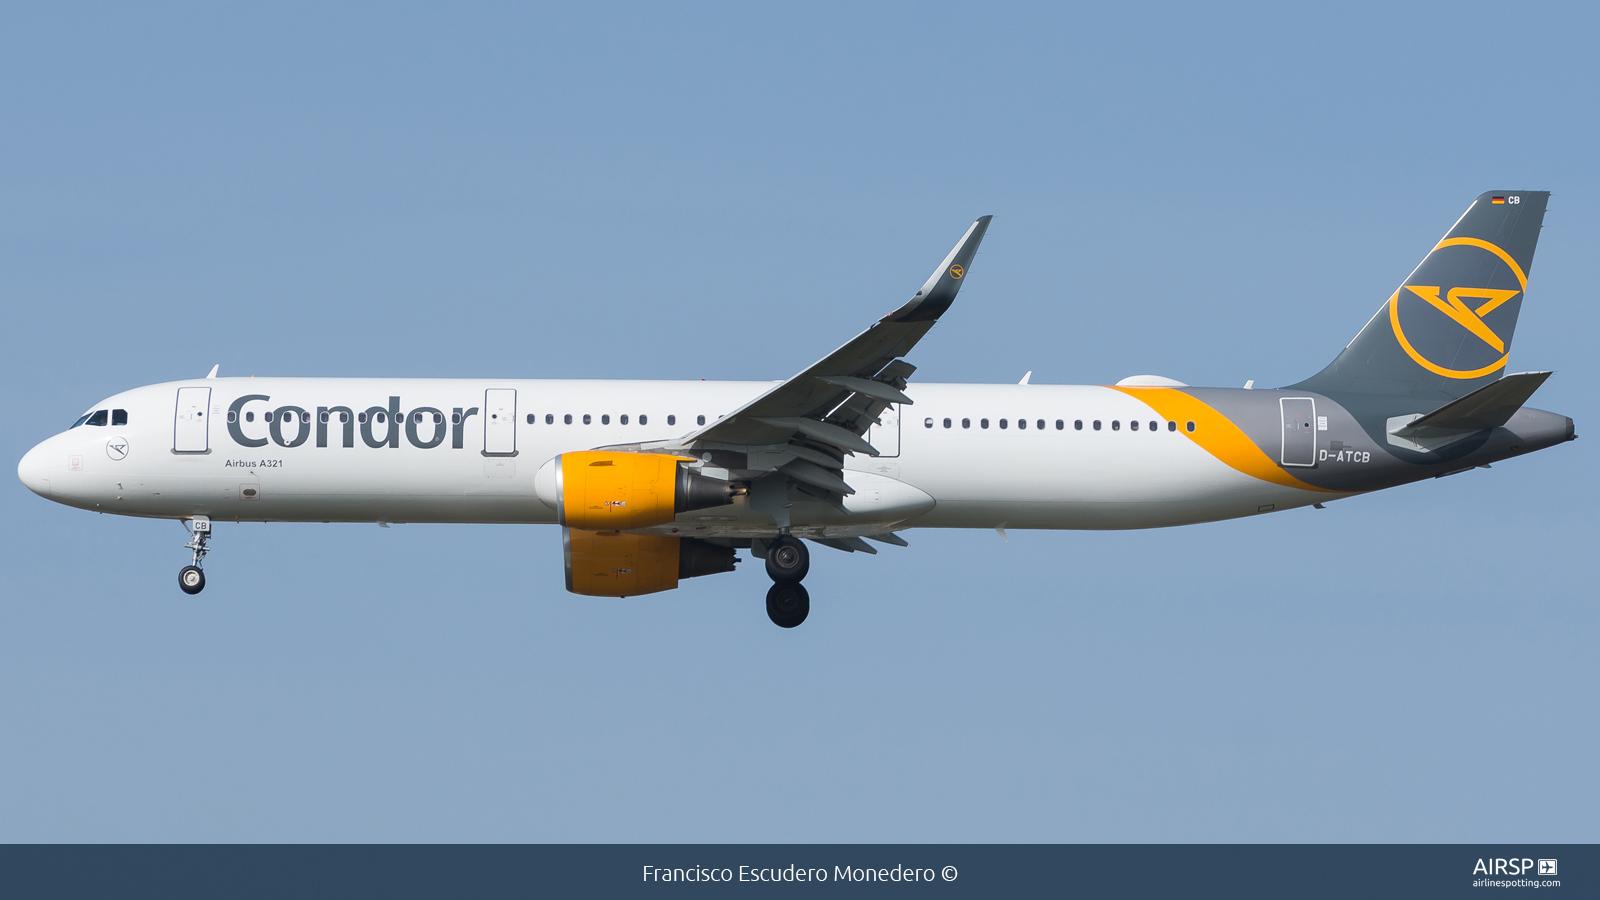 Condor  Airbus A321  D-ATCB